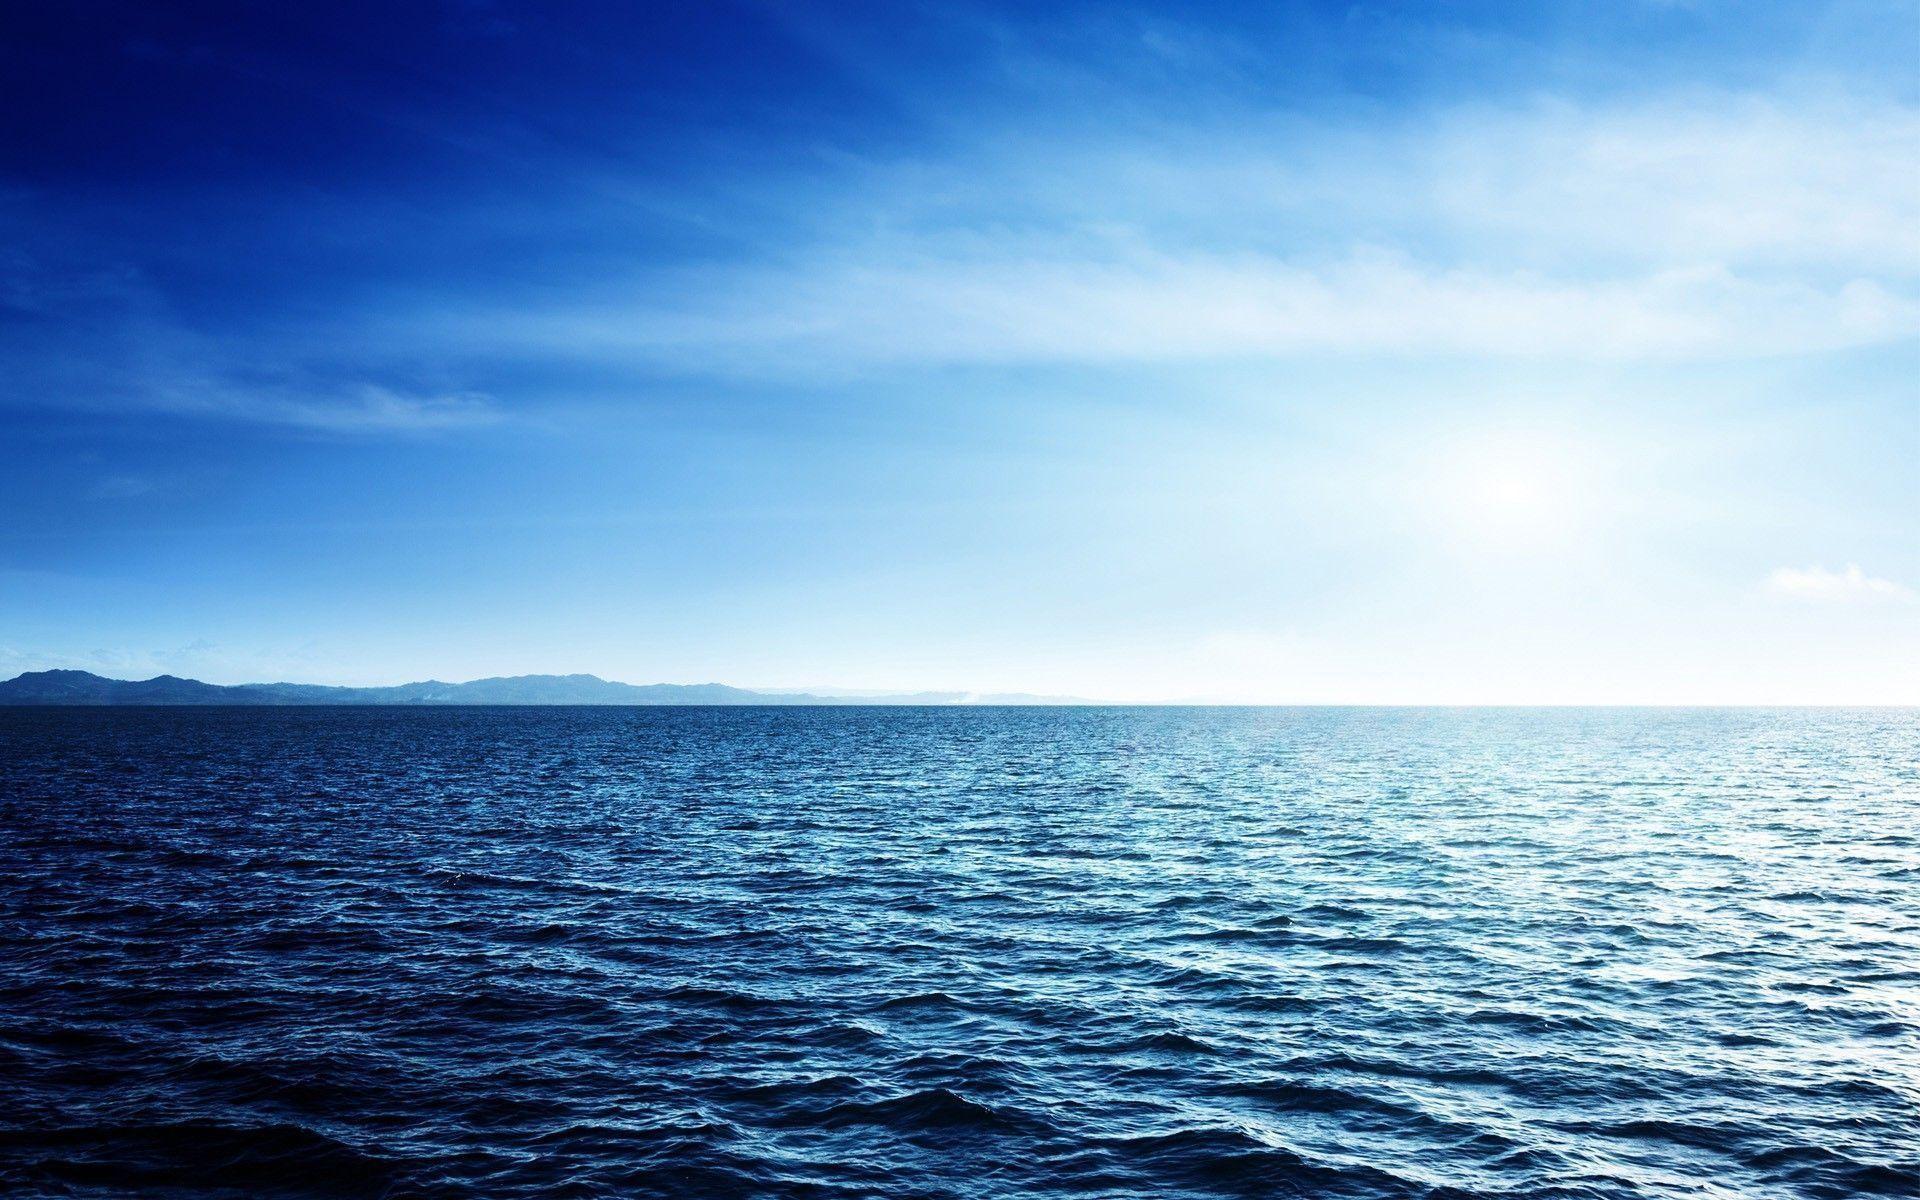 ocean scenes wallpaper